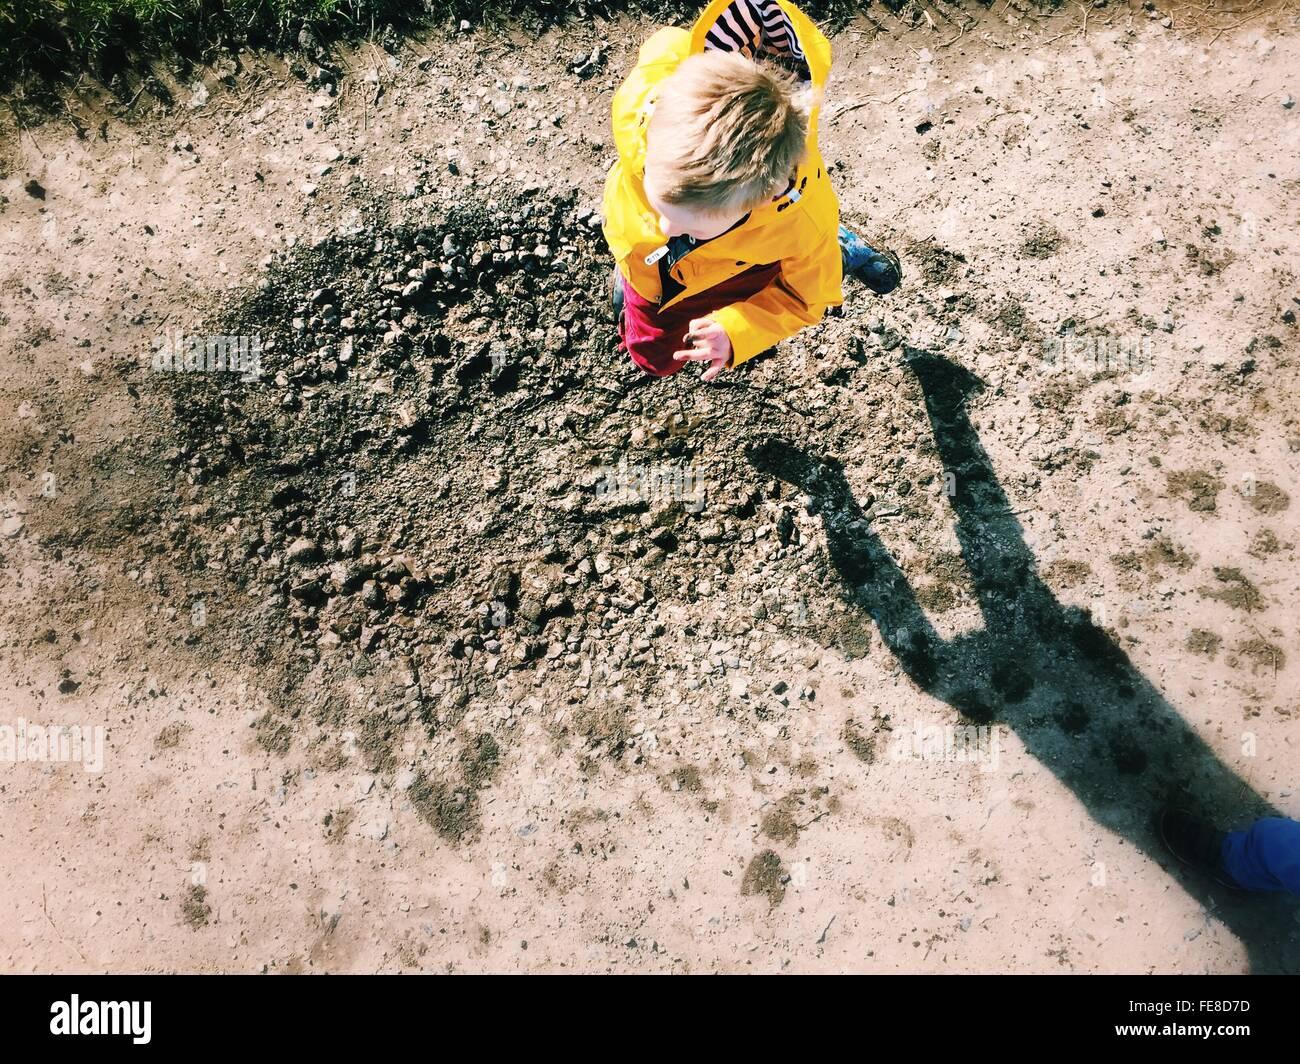 Un alto ángulo de visualización de Boy saltar sobre charcos de barro Imagen De Stock